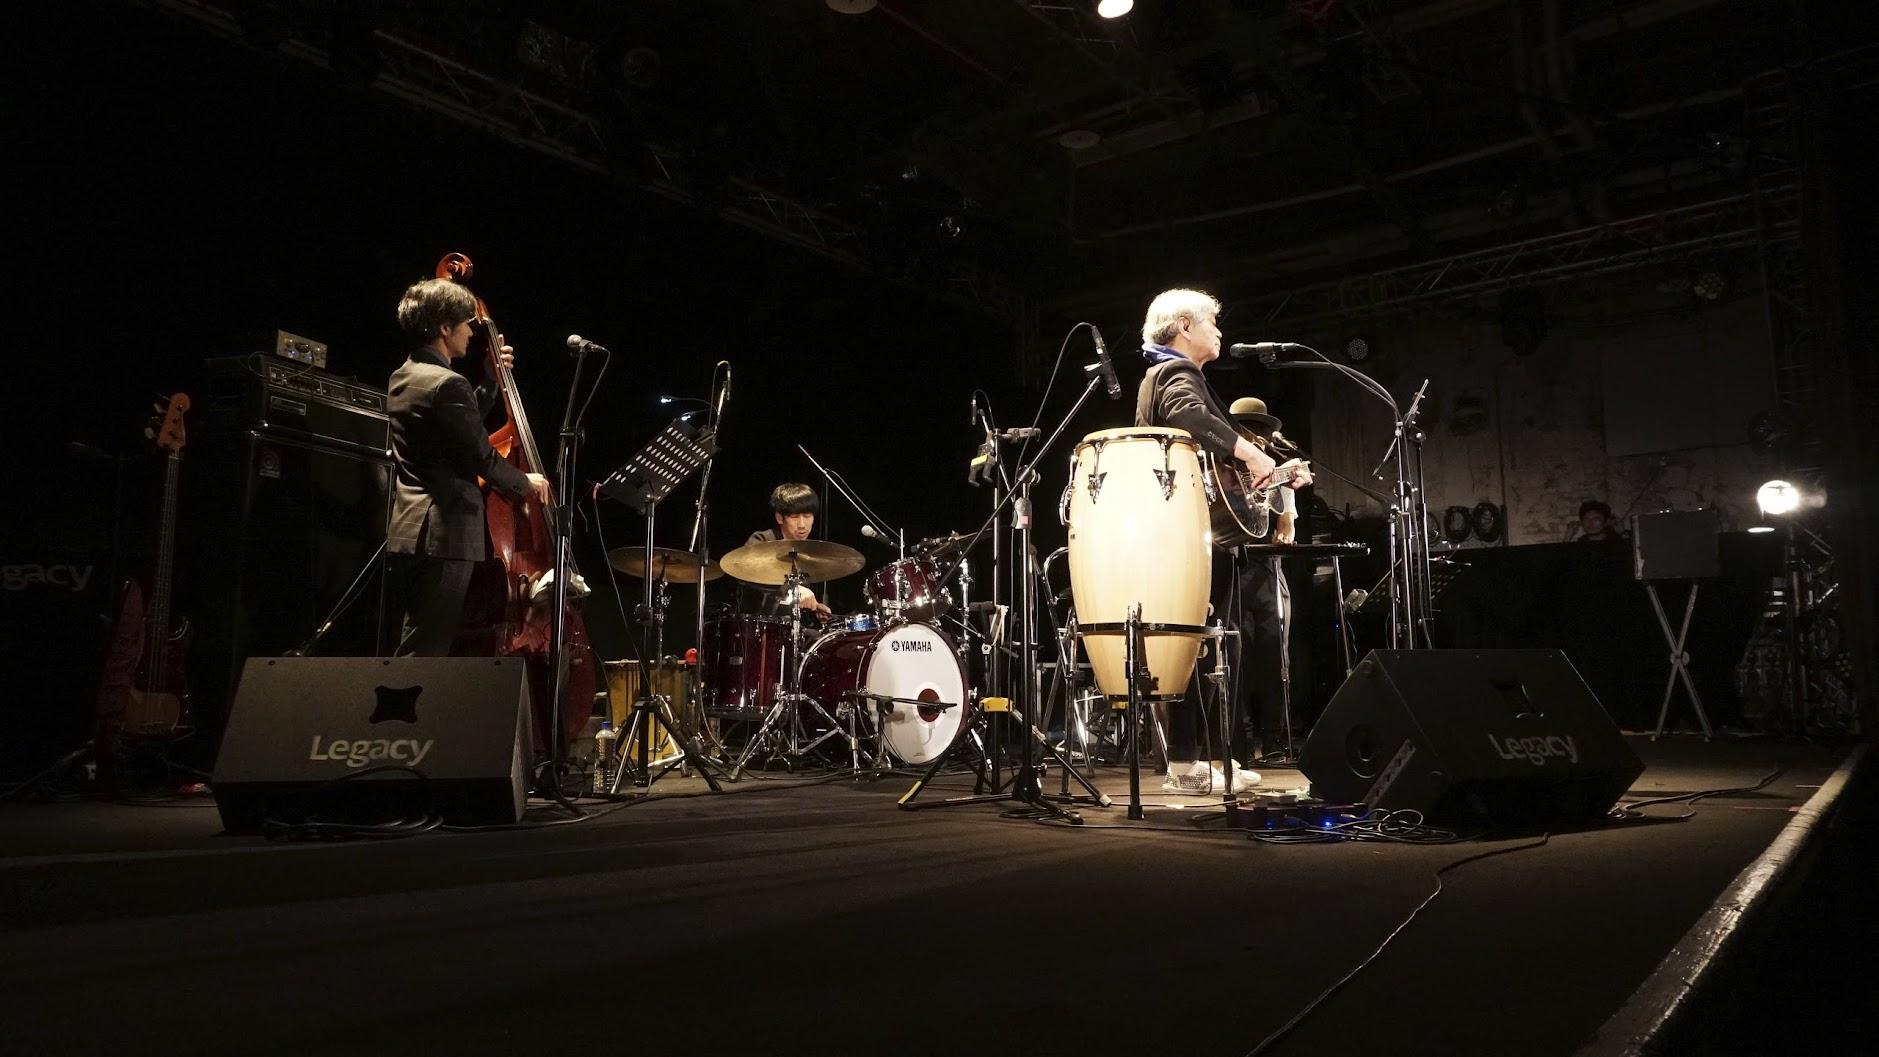 【迷迷現場】年屆七十仍富玩心 日本樂壇傳奇大師細野晴臣首次台灣公演